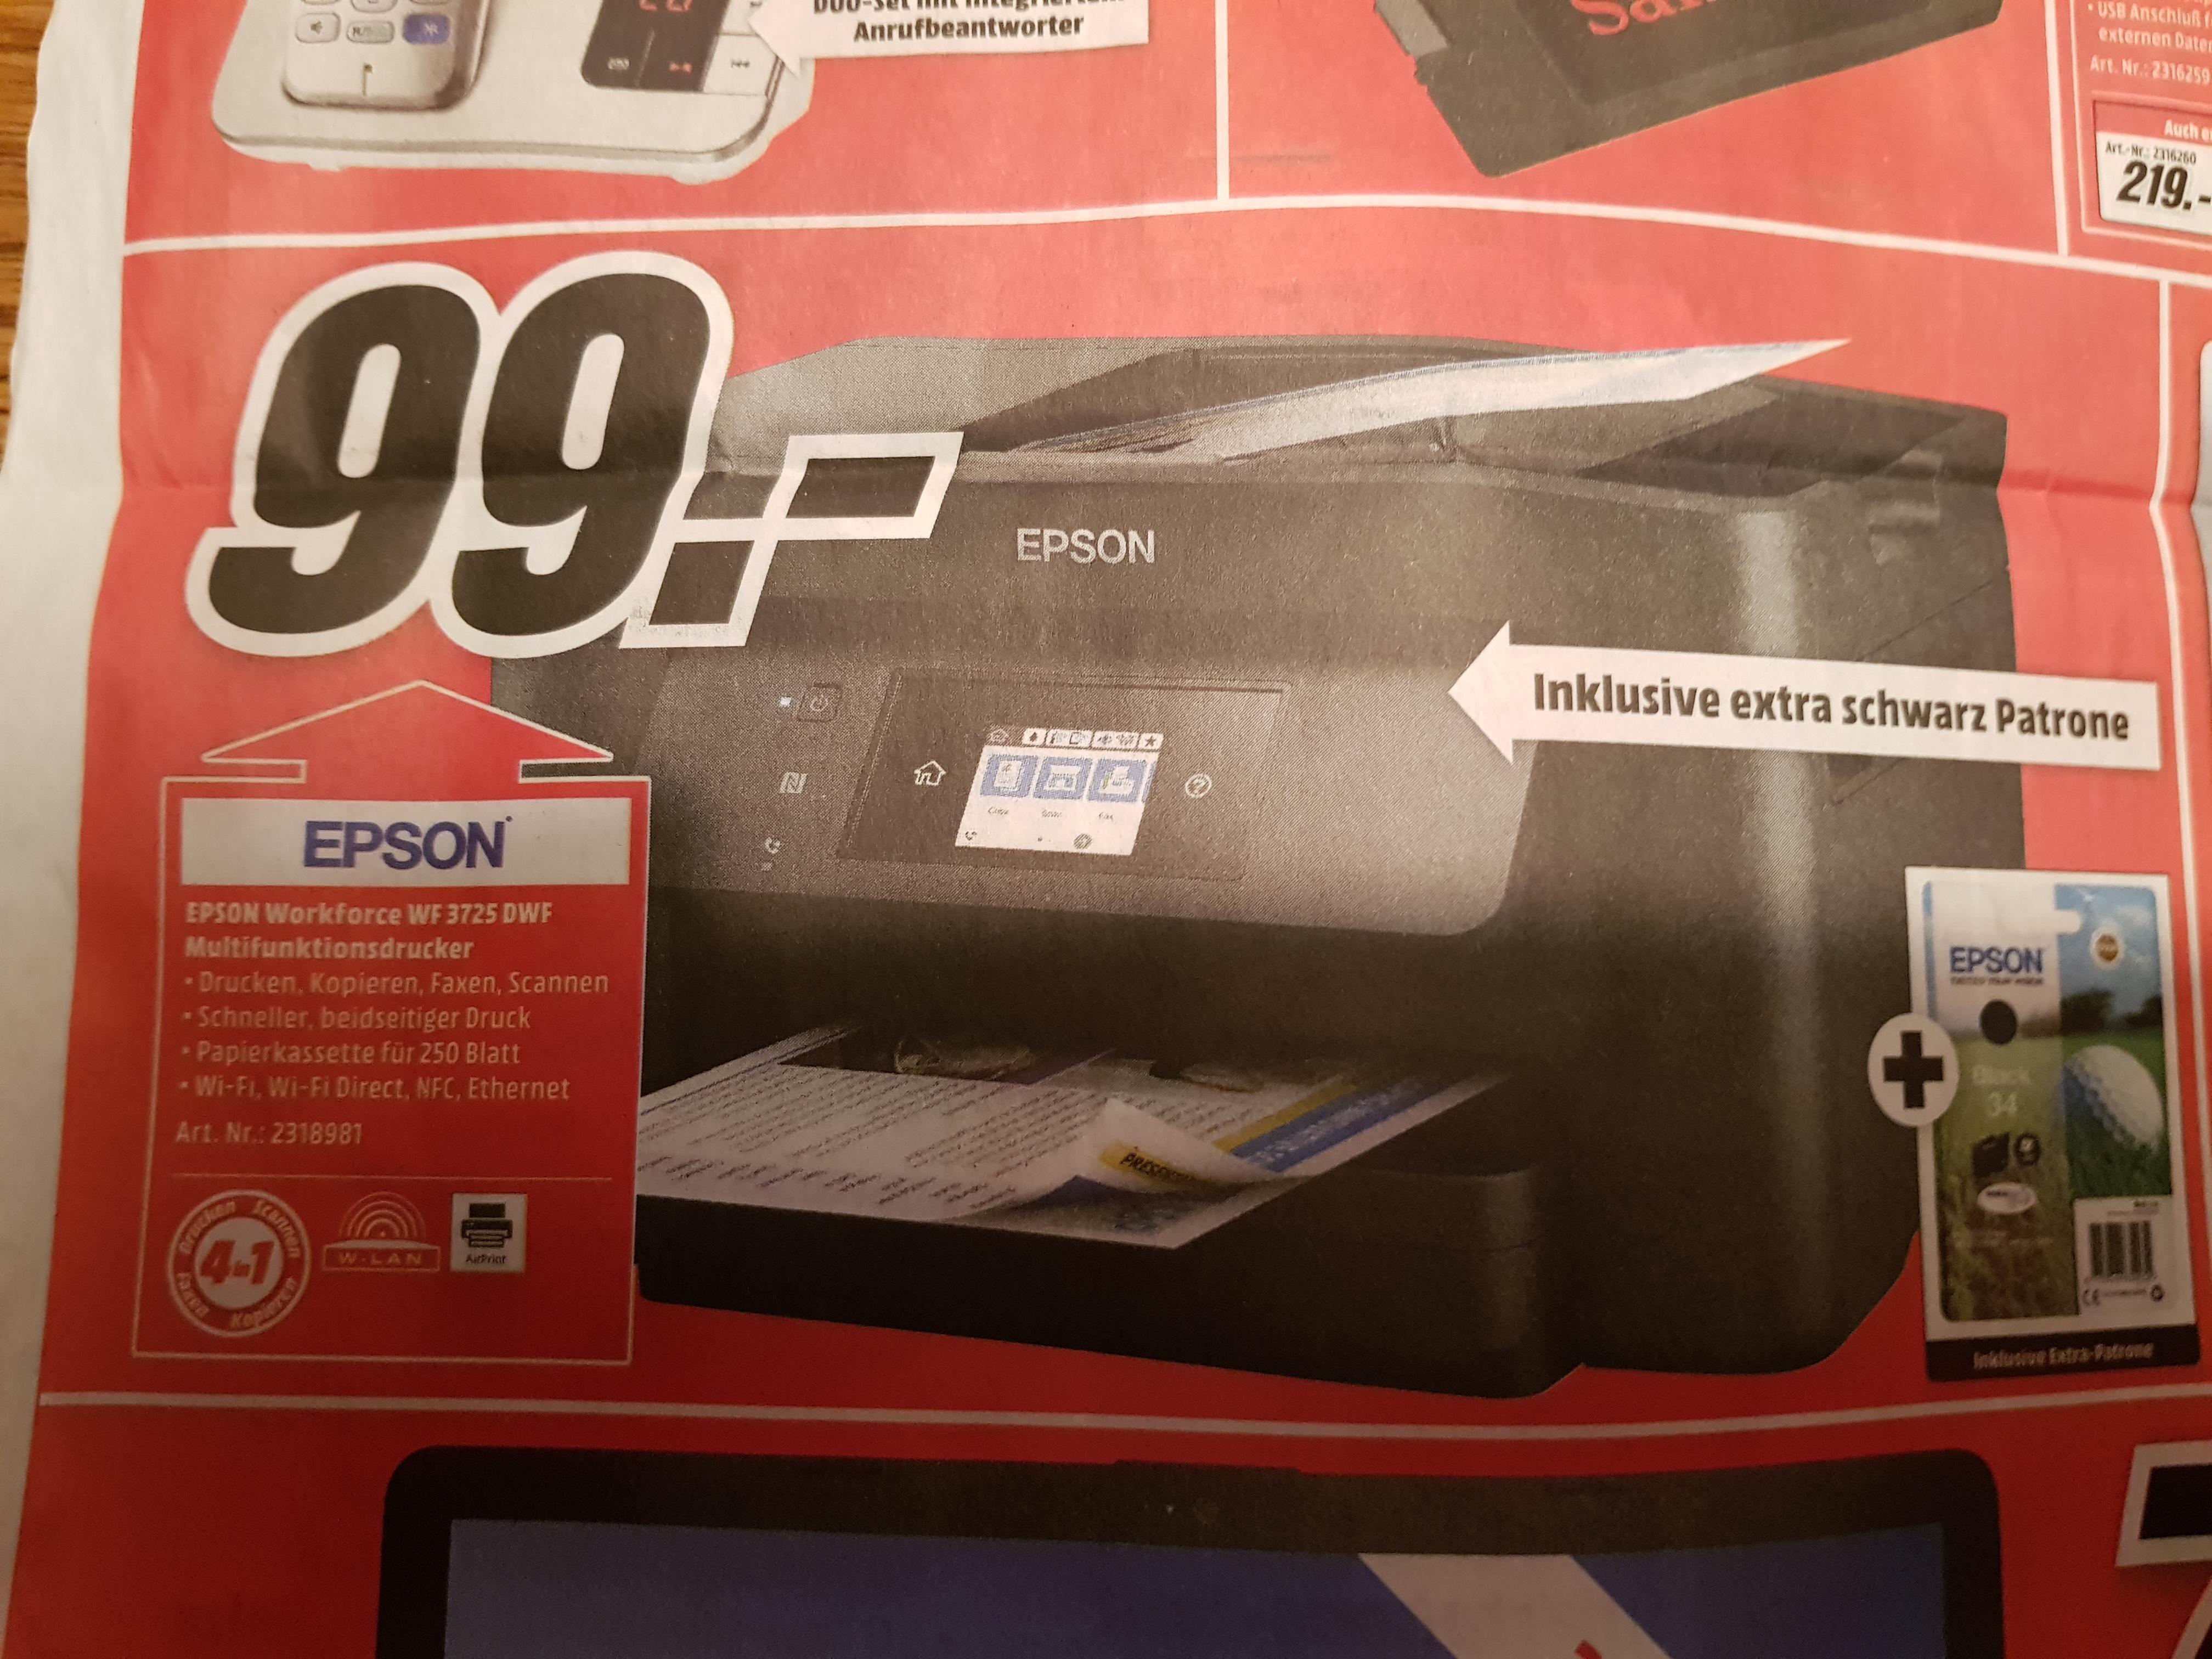 Epson Workforce WF 3725 DWF Multifunktionsdrucker inklusive extra schwarzer Patrone im Media Markt Homburg